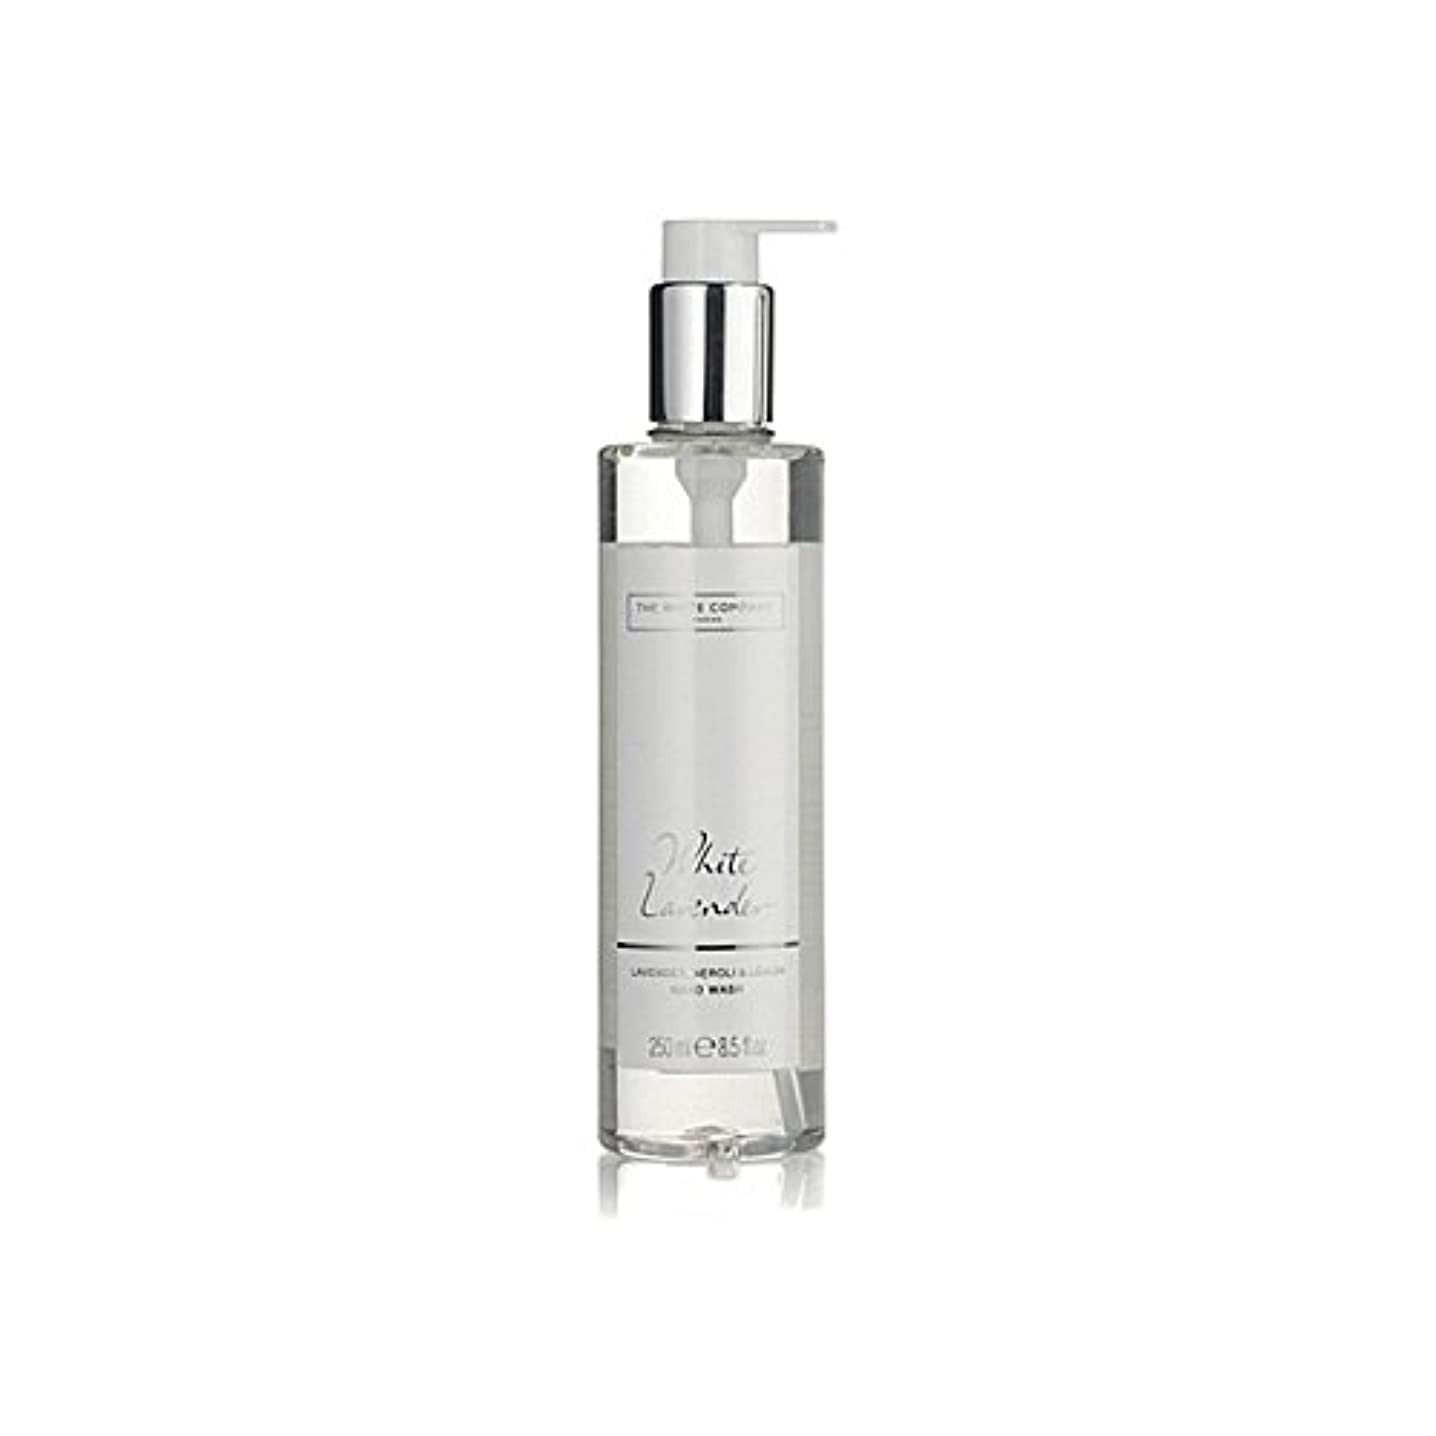 田舎者継続中戸棚白同社白ラベンダーハンドウォッシュ x2 - The White Company White Lavender Hand Wash (Pack of 2) [並行輸入品]